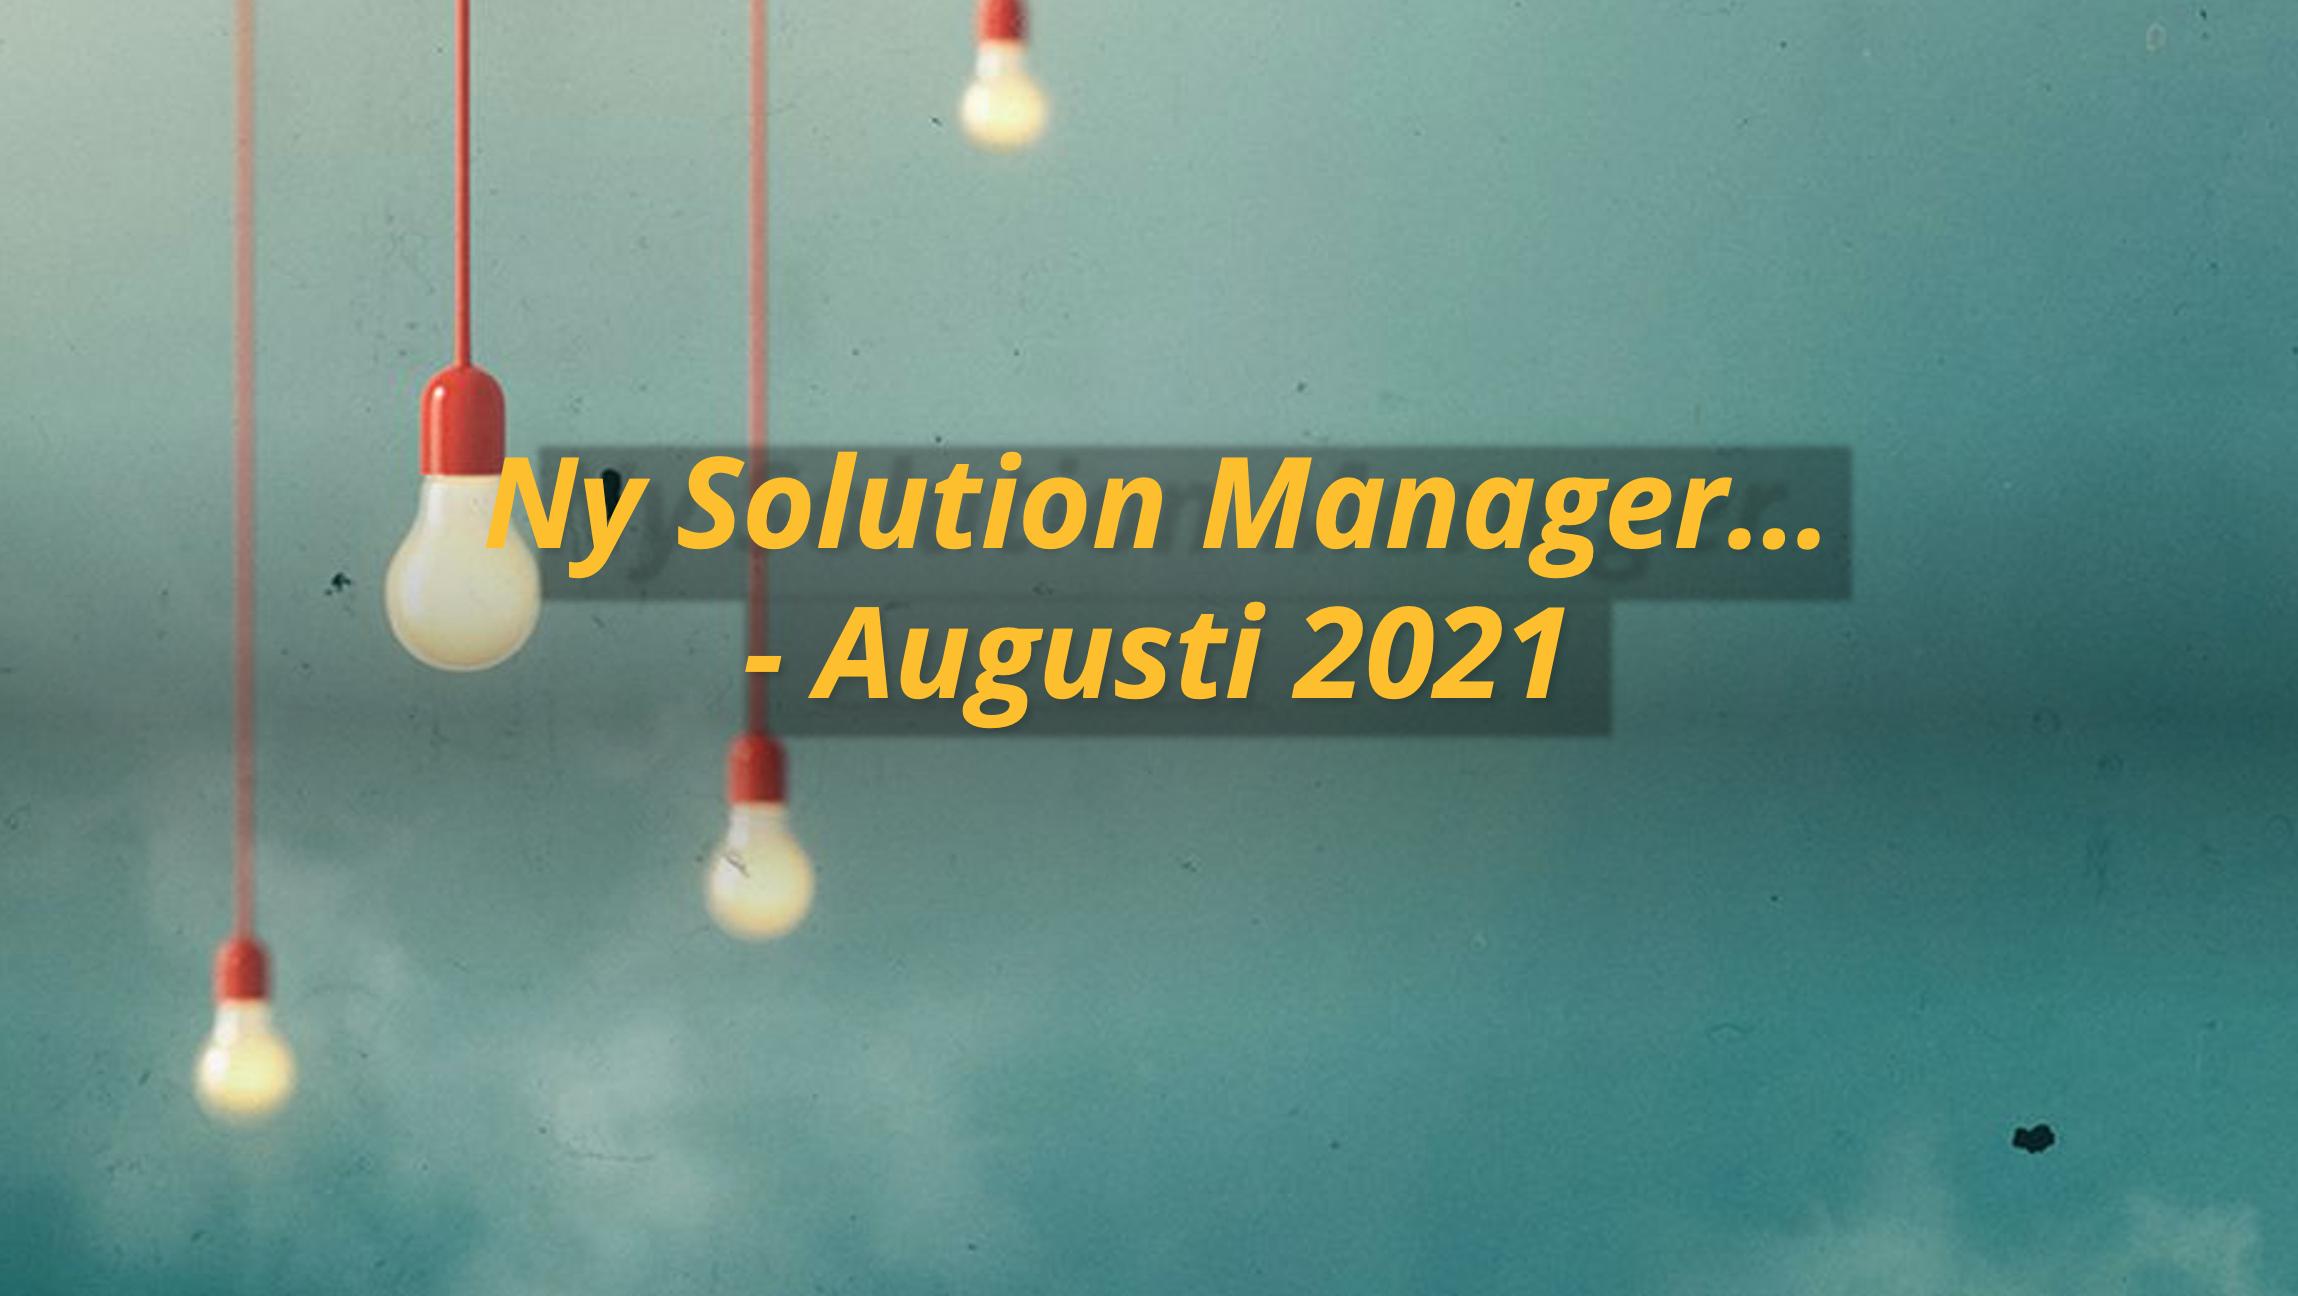 Ny Solution Manager rekryterad!